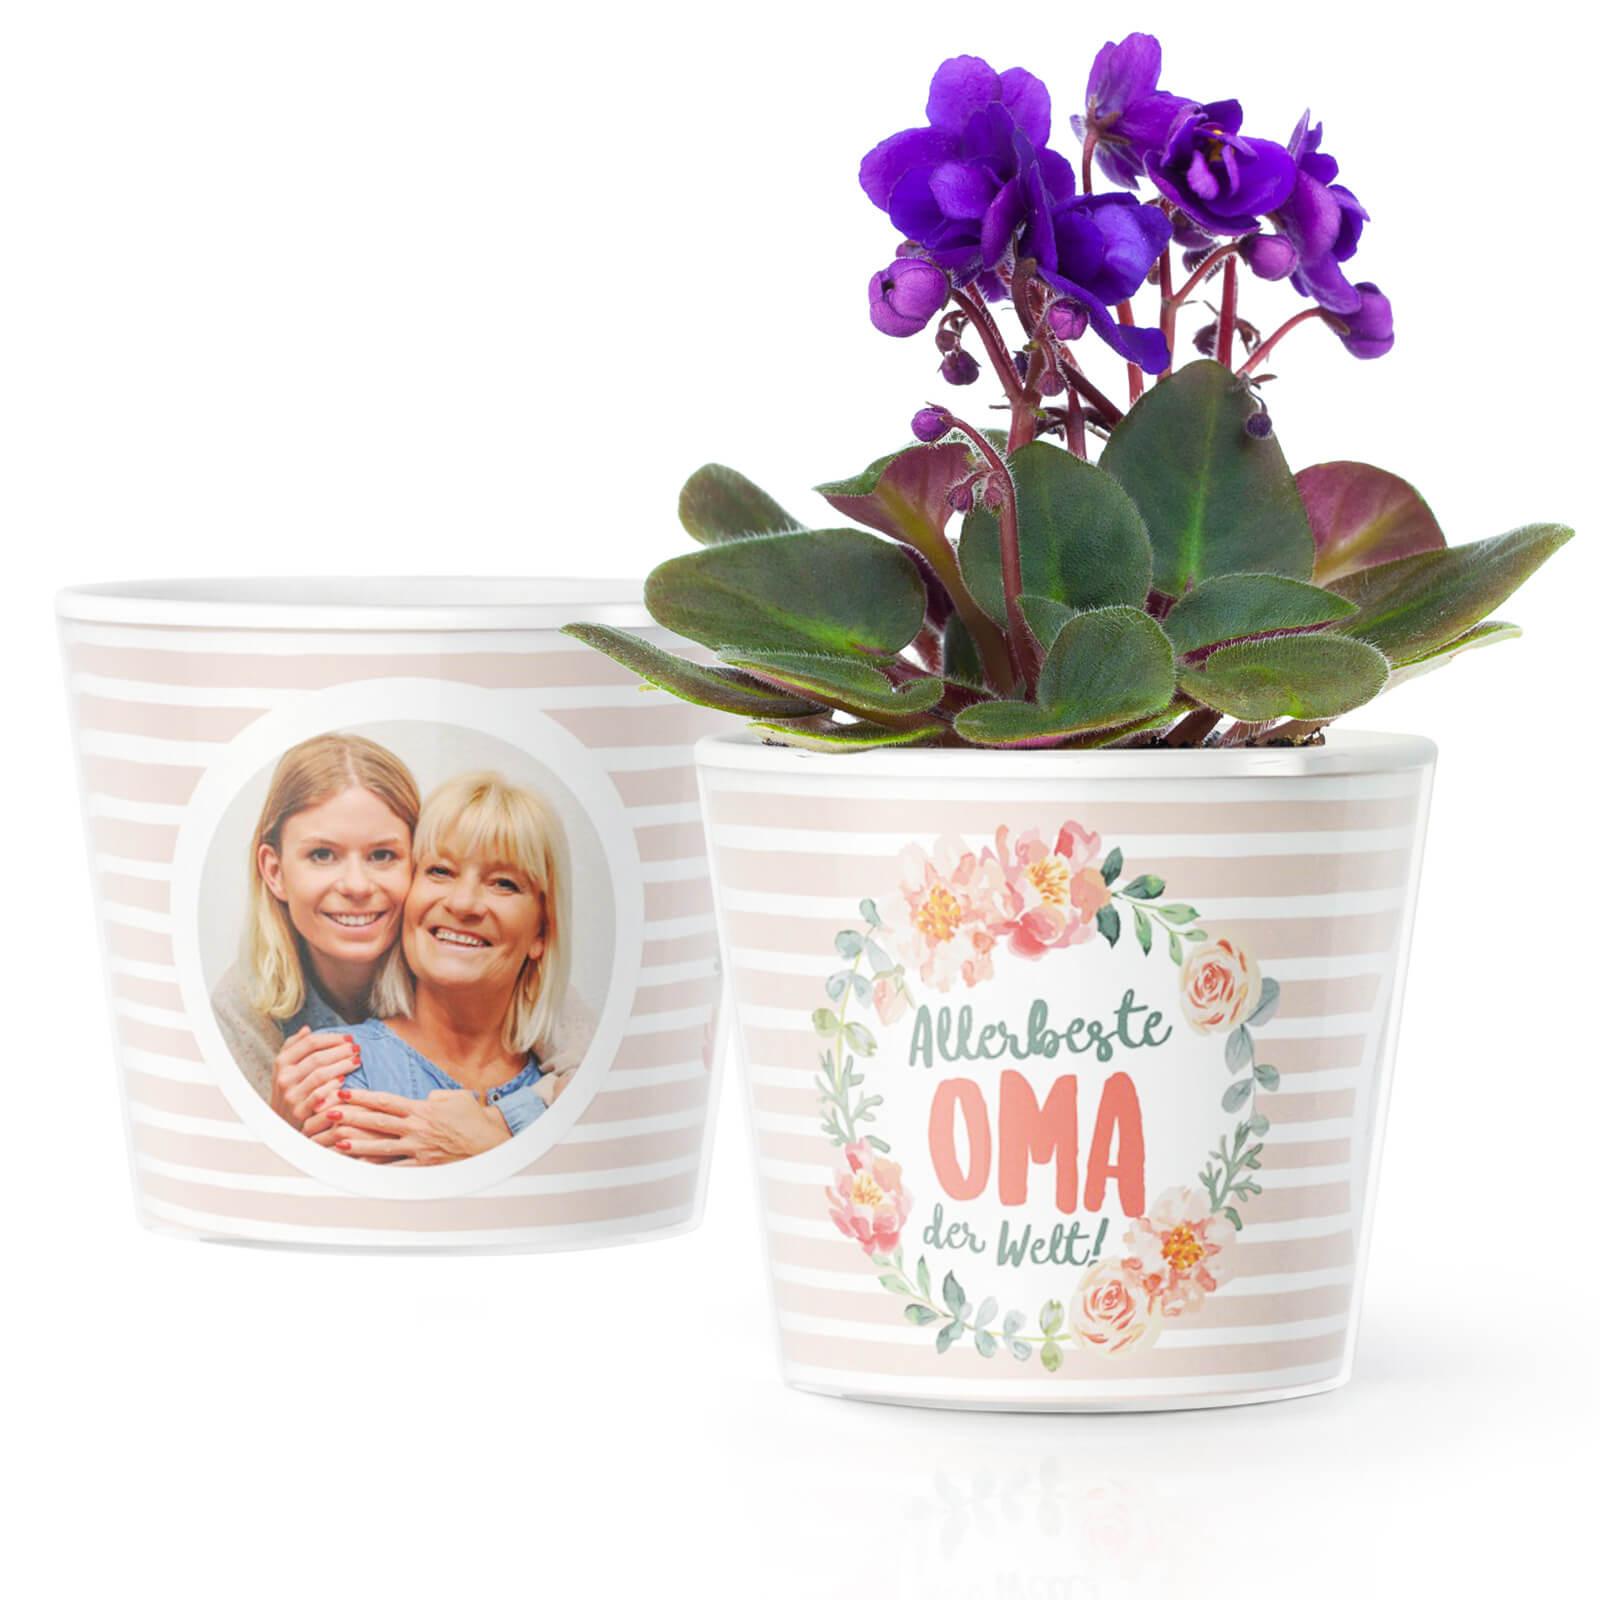 Geschenk für Allerbeste Oma von Enkeln